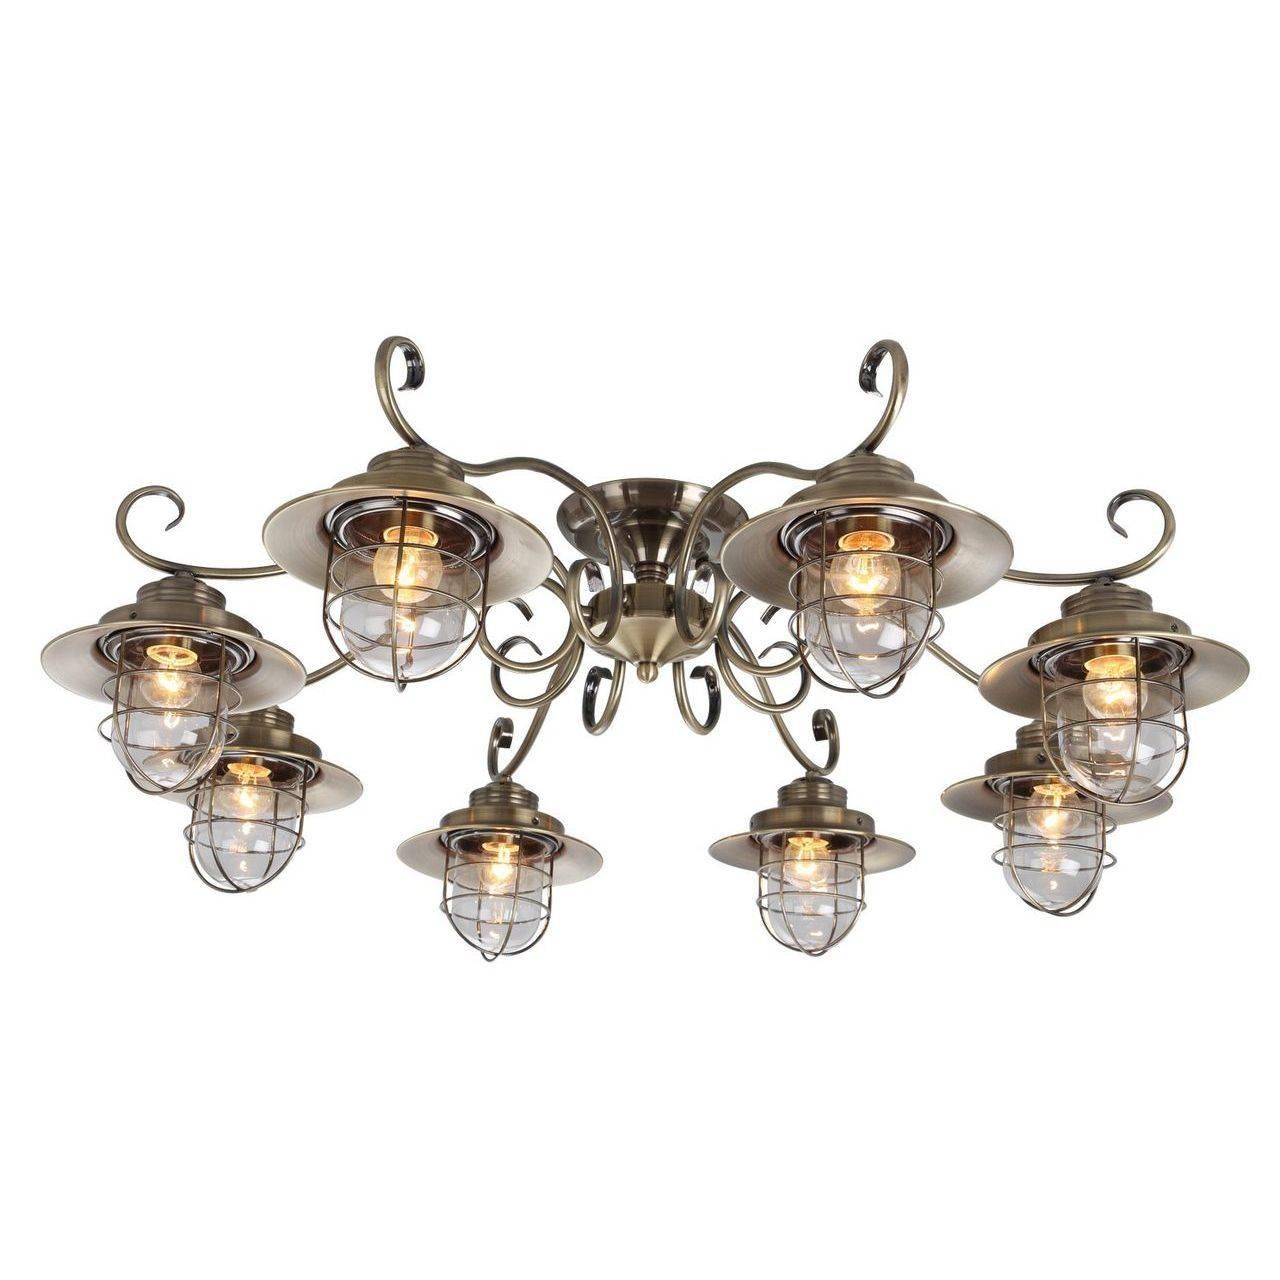 Купить со скидкой Потолочная люстра из металла и стекла  Arte Lamp